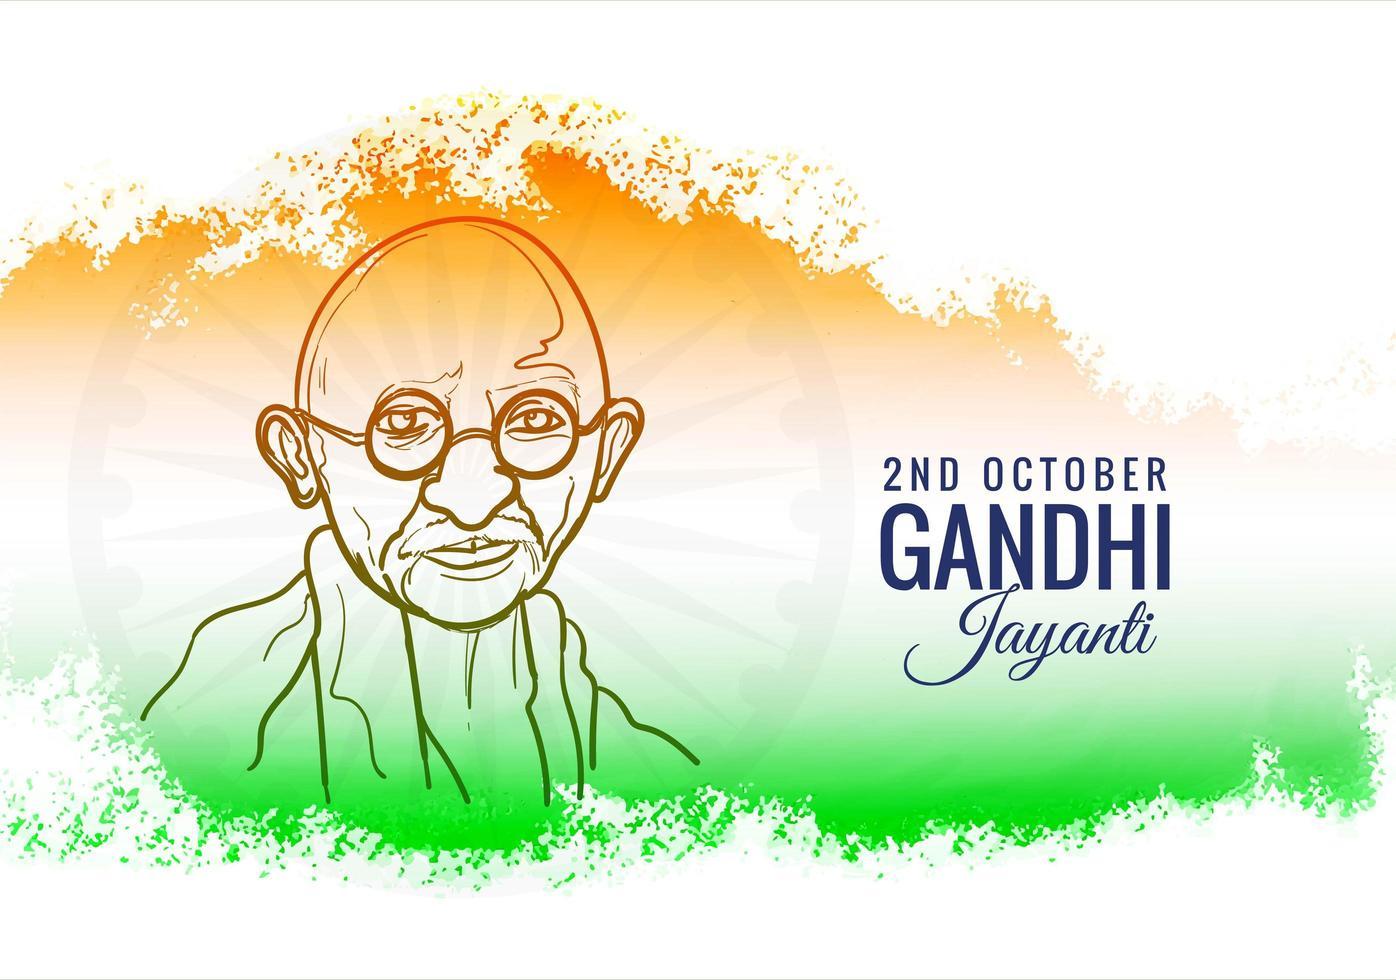 india achtergrond voor gandhi jayanti poster vector